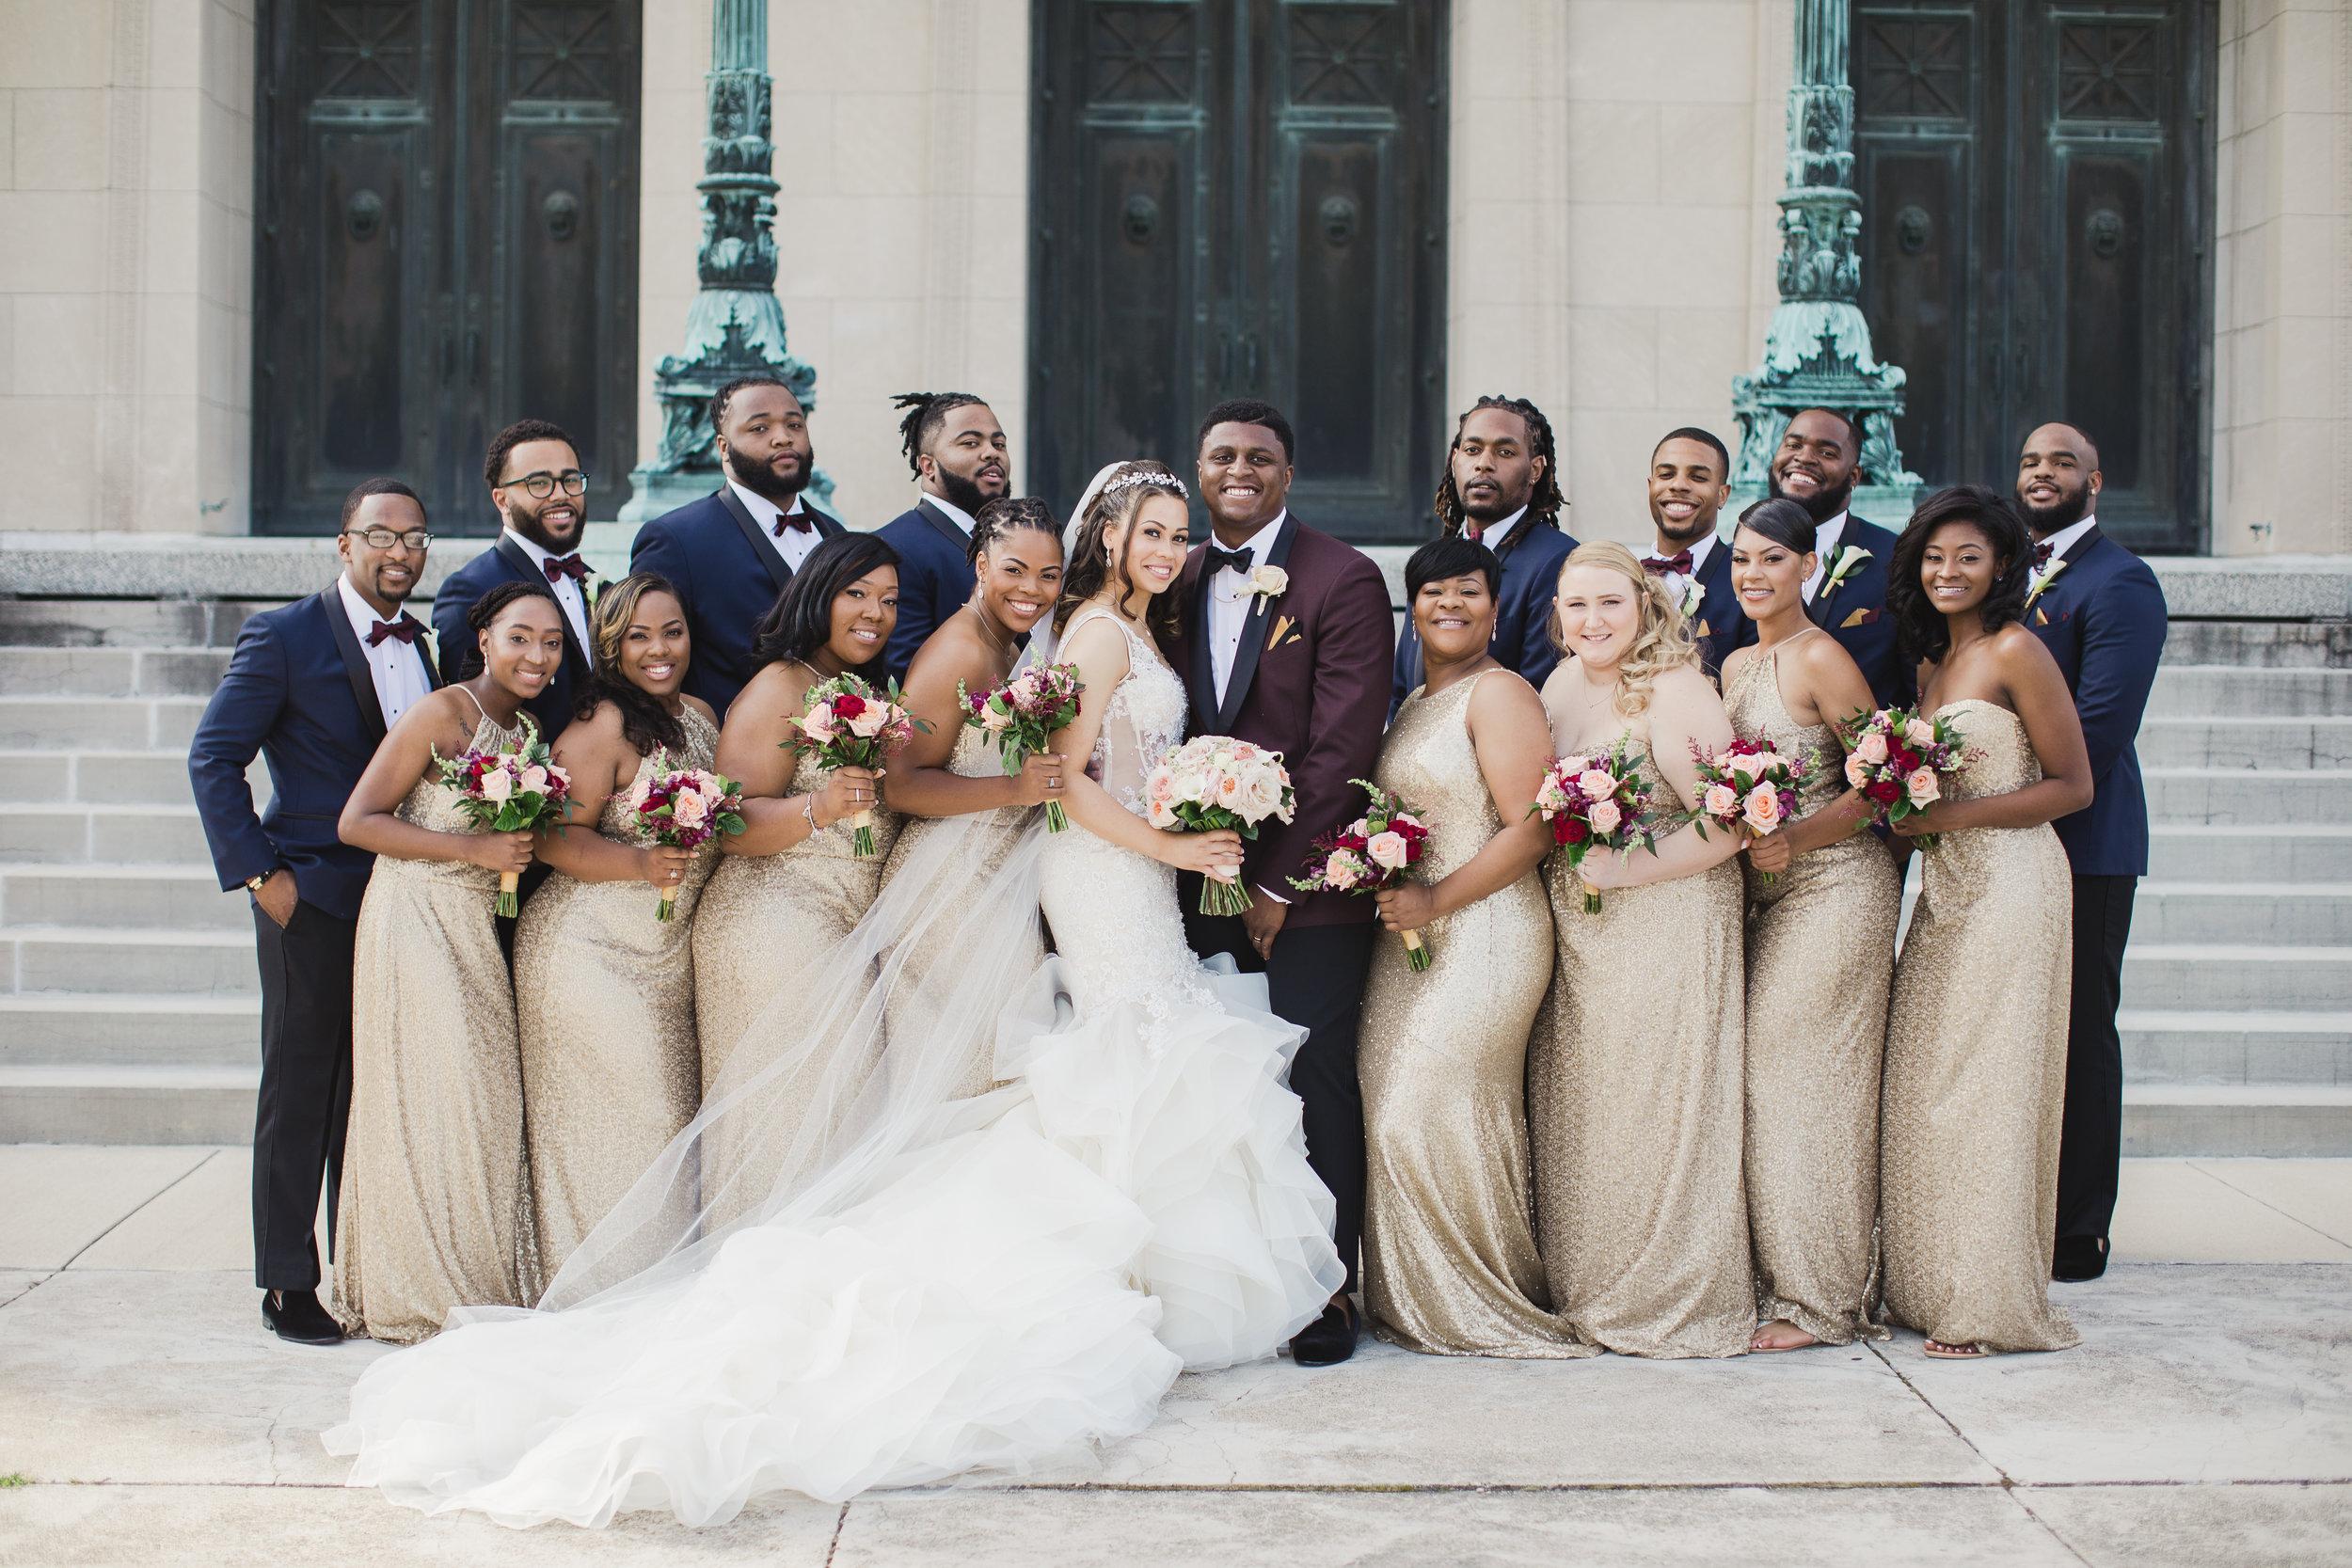 weddingparty-burgundyandgoldwedding